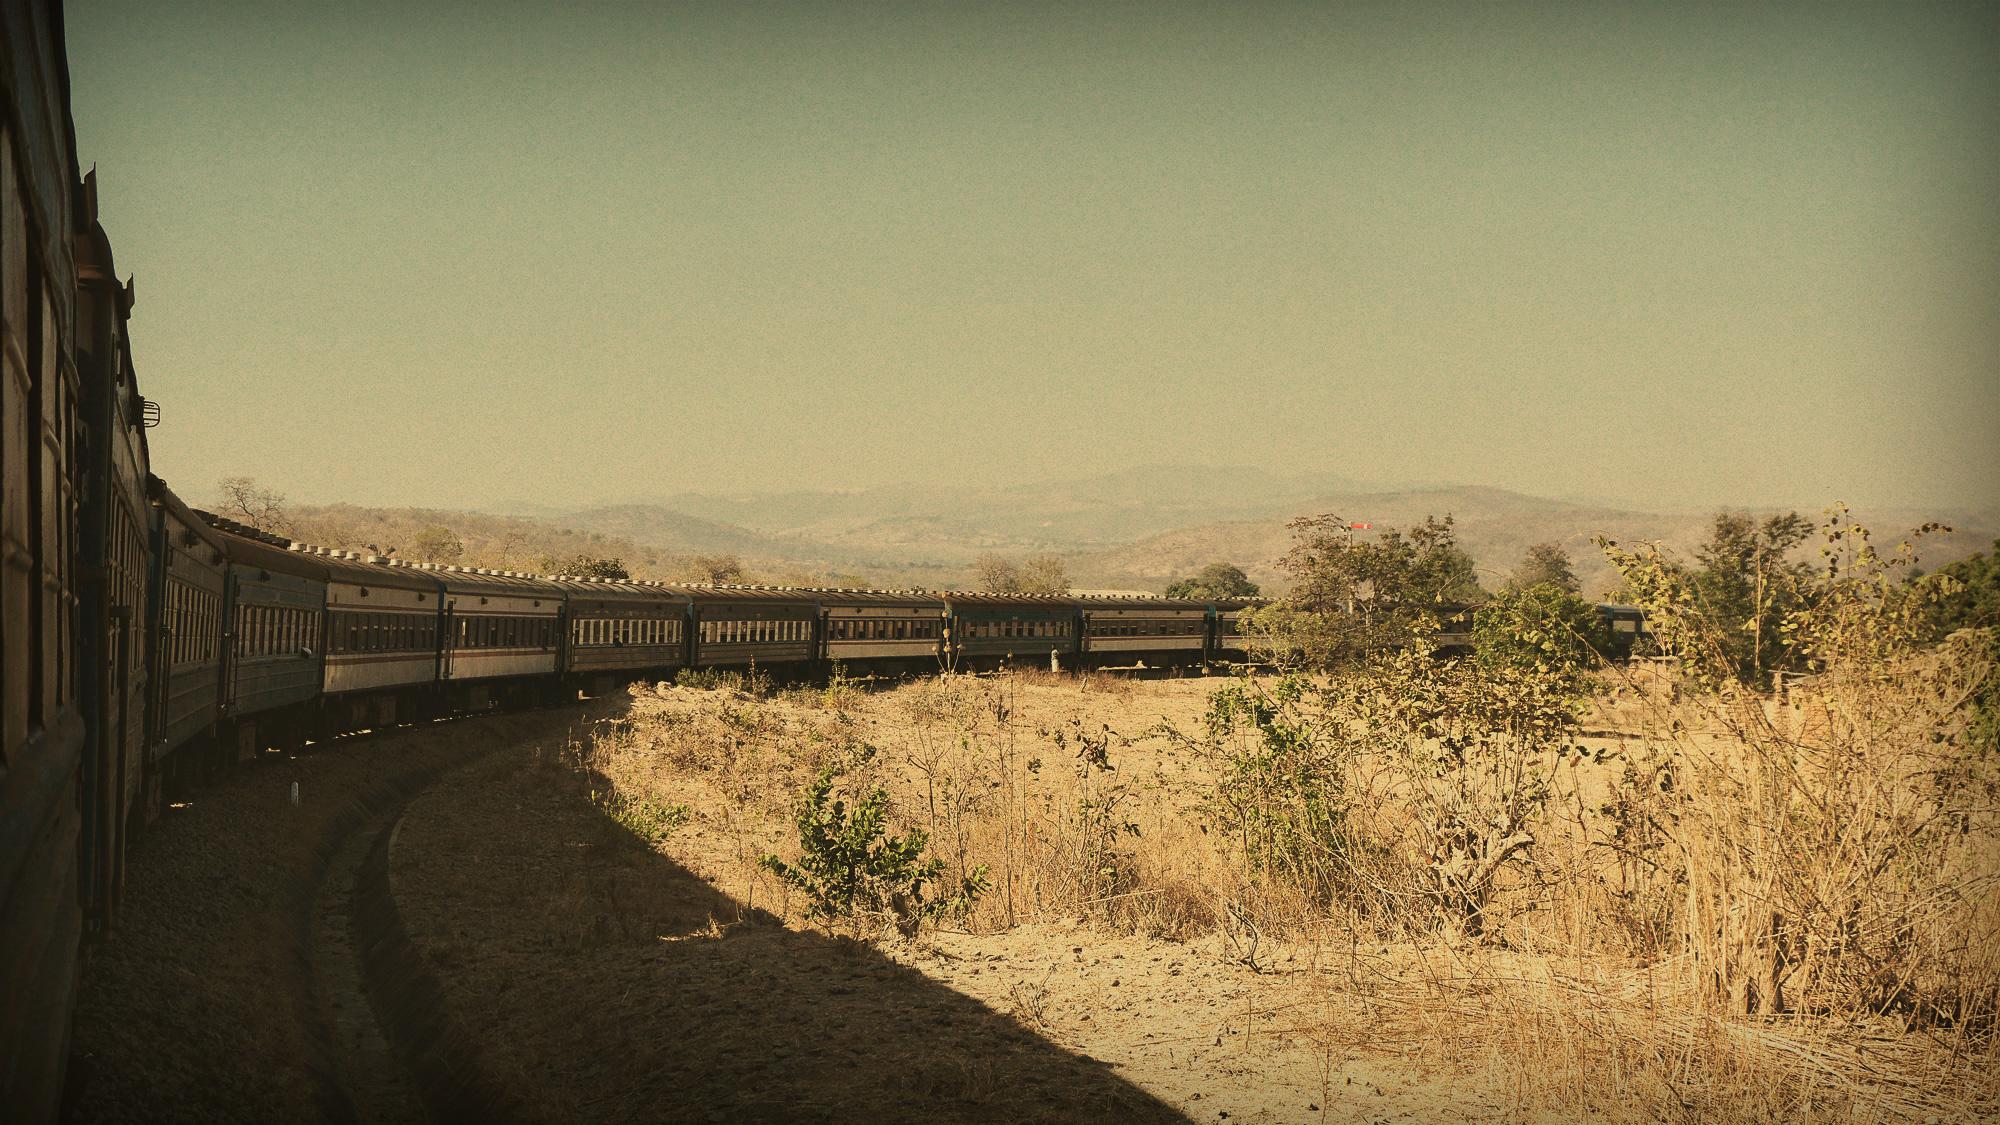 The Tazara Train Route